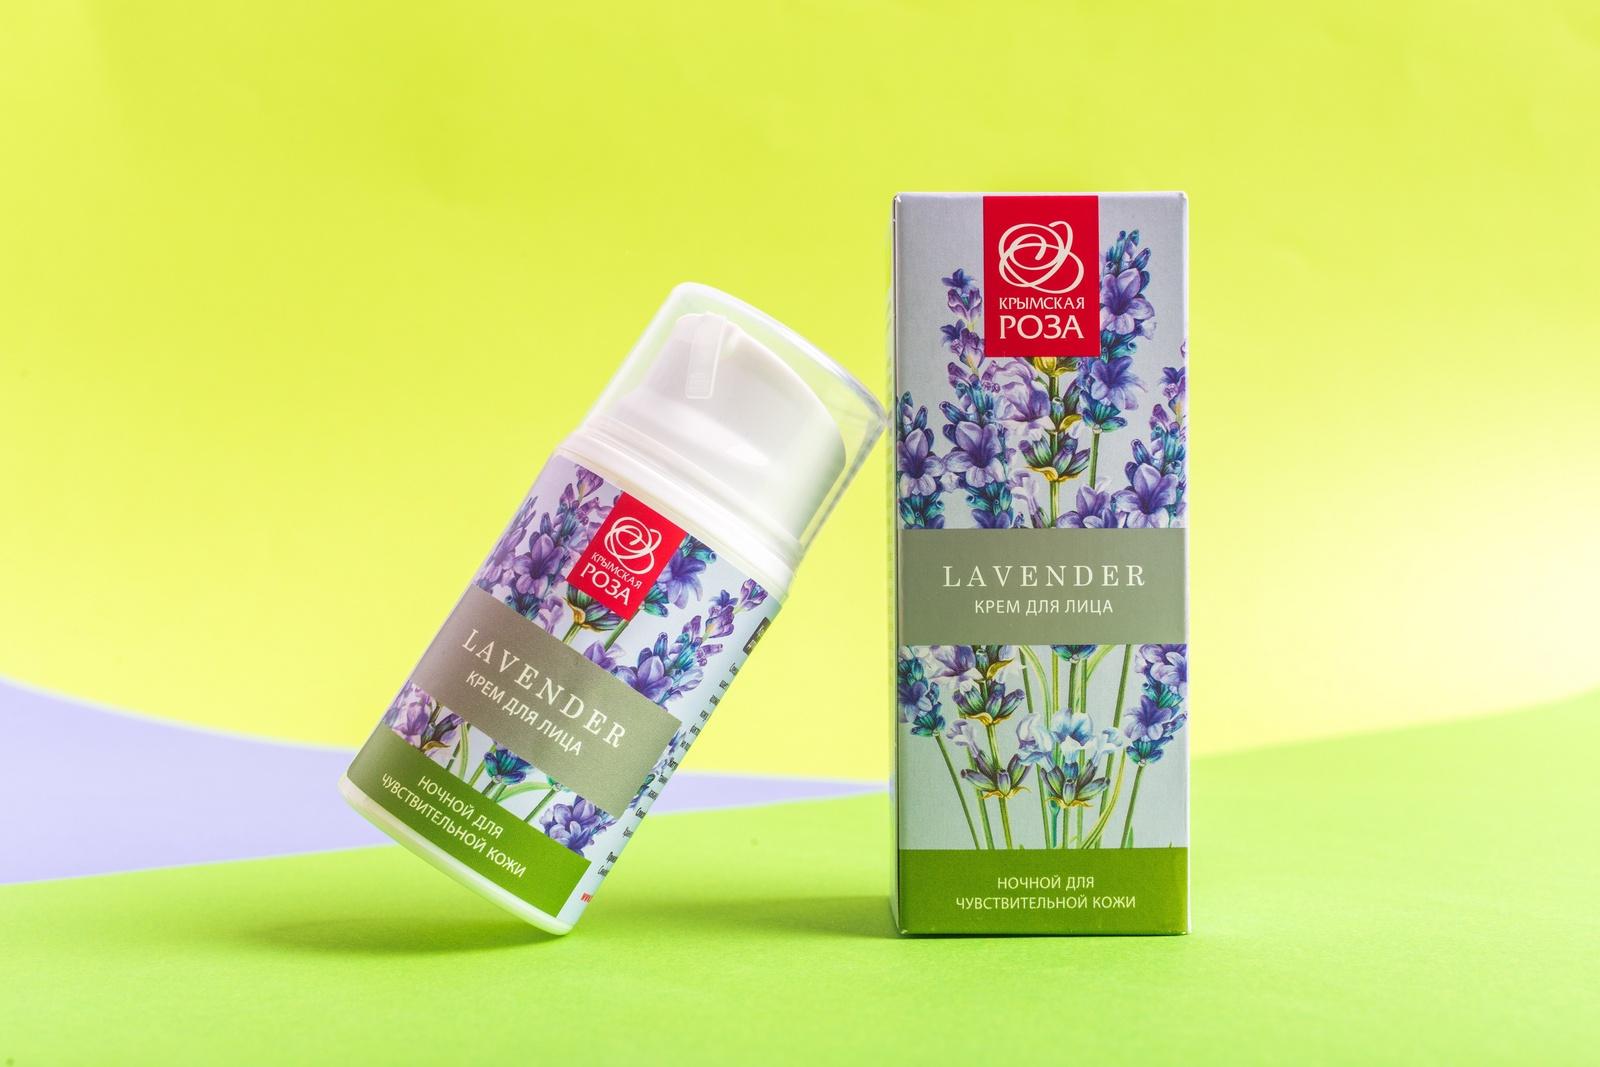 Крем для ухода за кожей Крымская роза Крем Lavender для лица ночной для чувствительной кожи, 50 мл Крымская роза